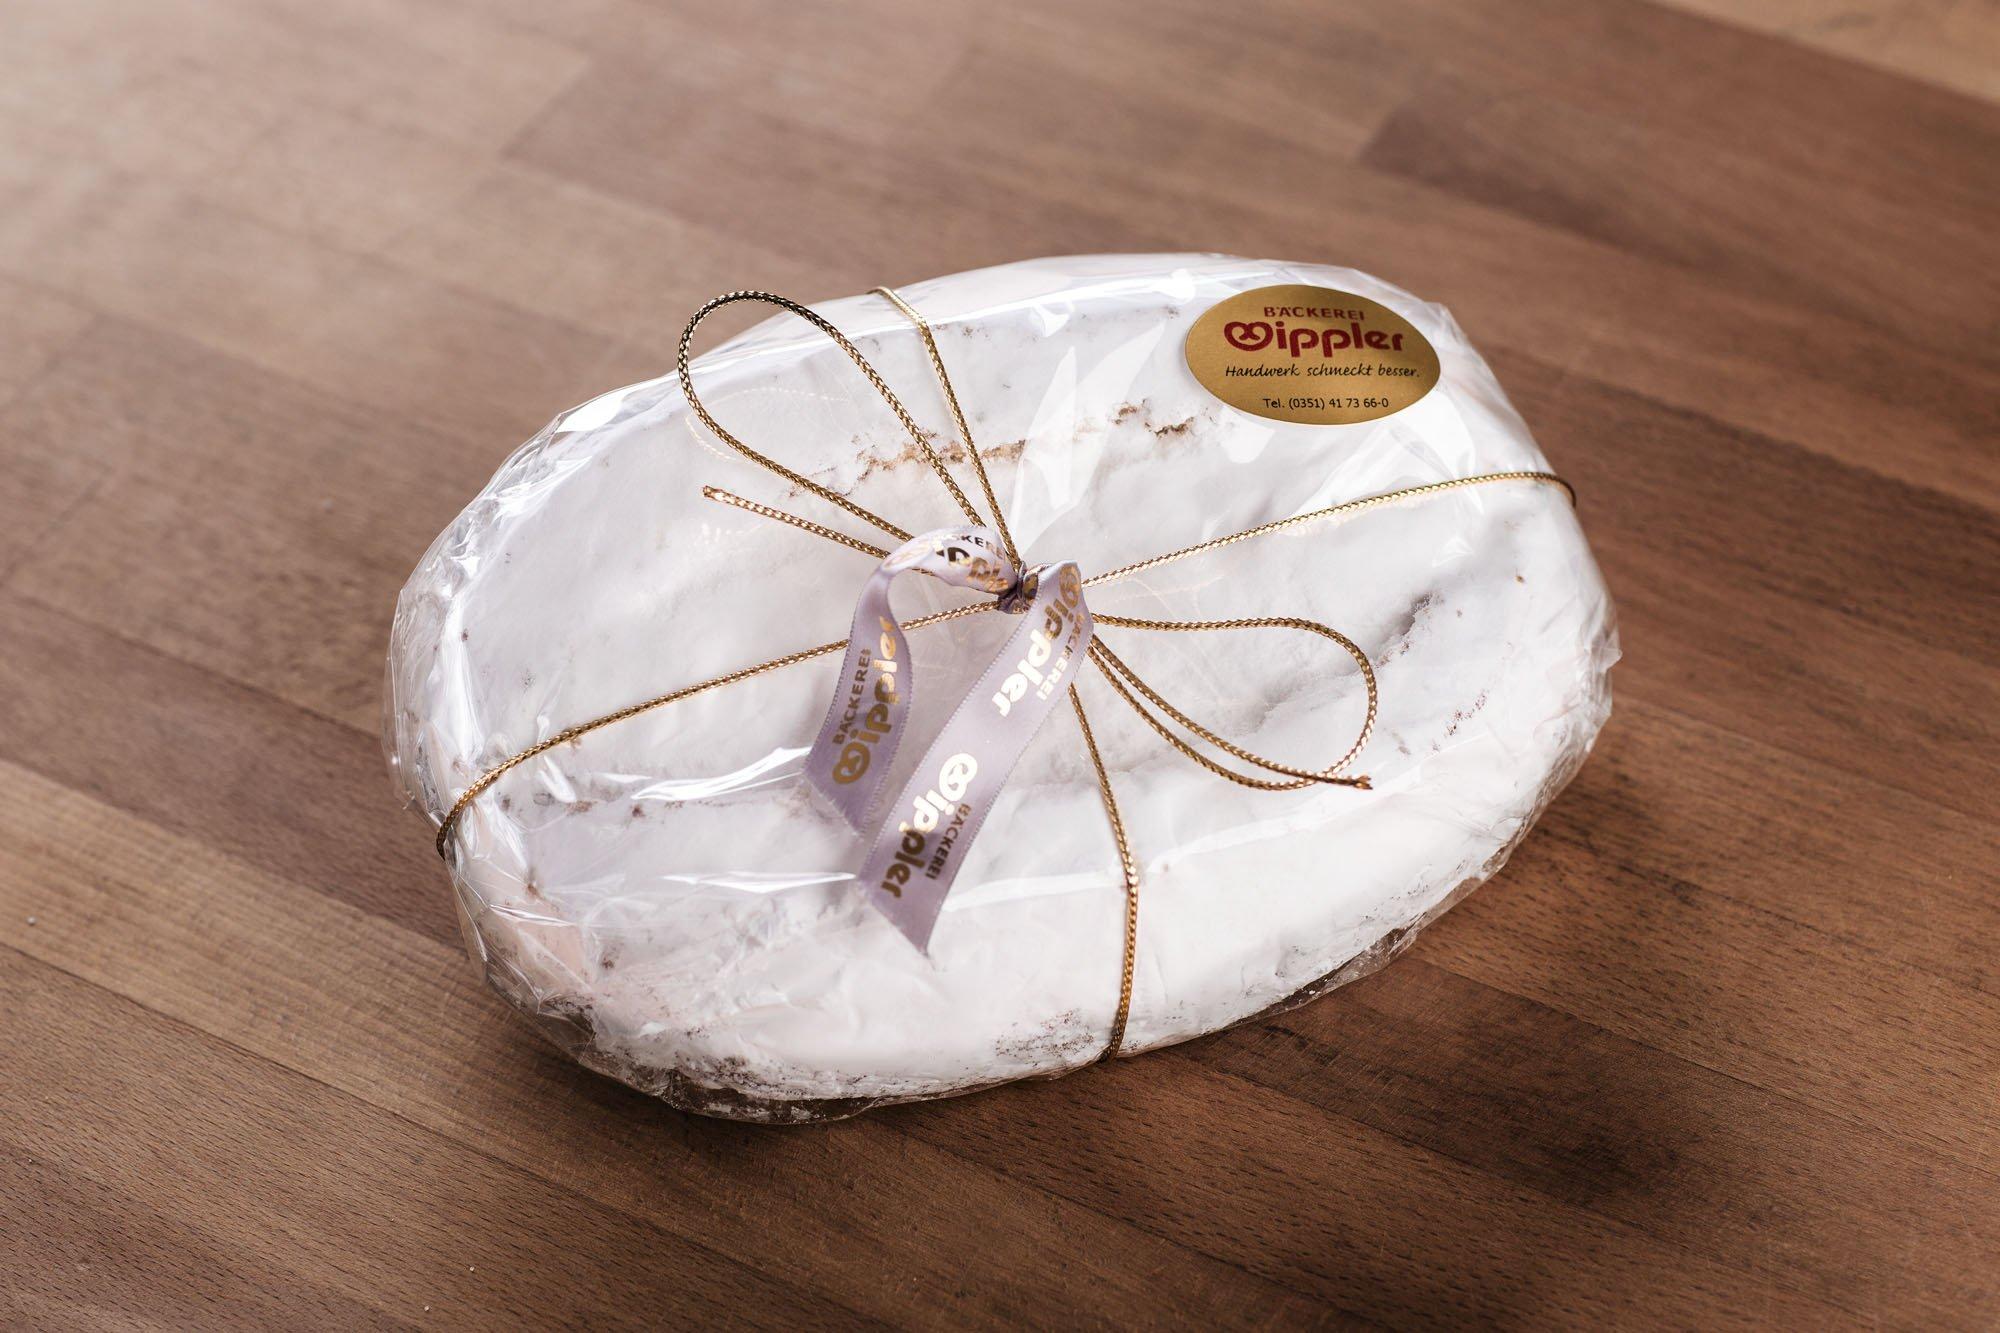 Wipplers Mandelstollen 1 kg